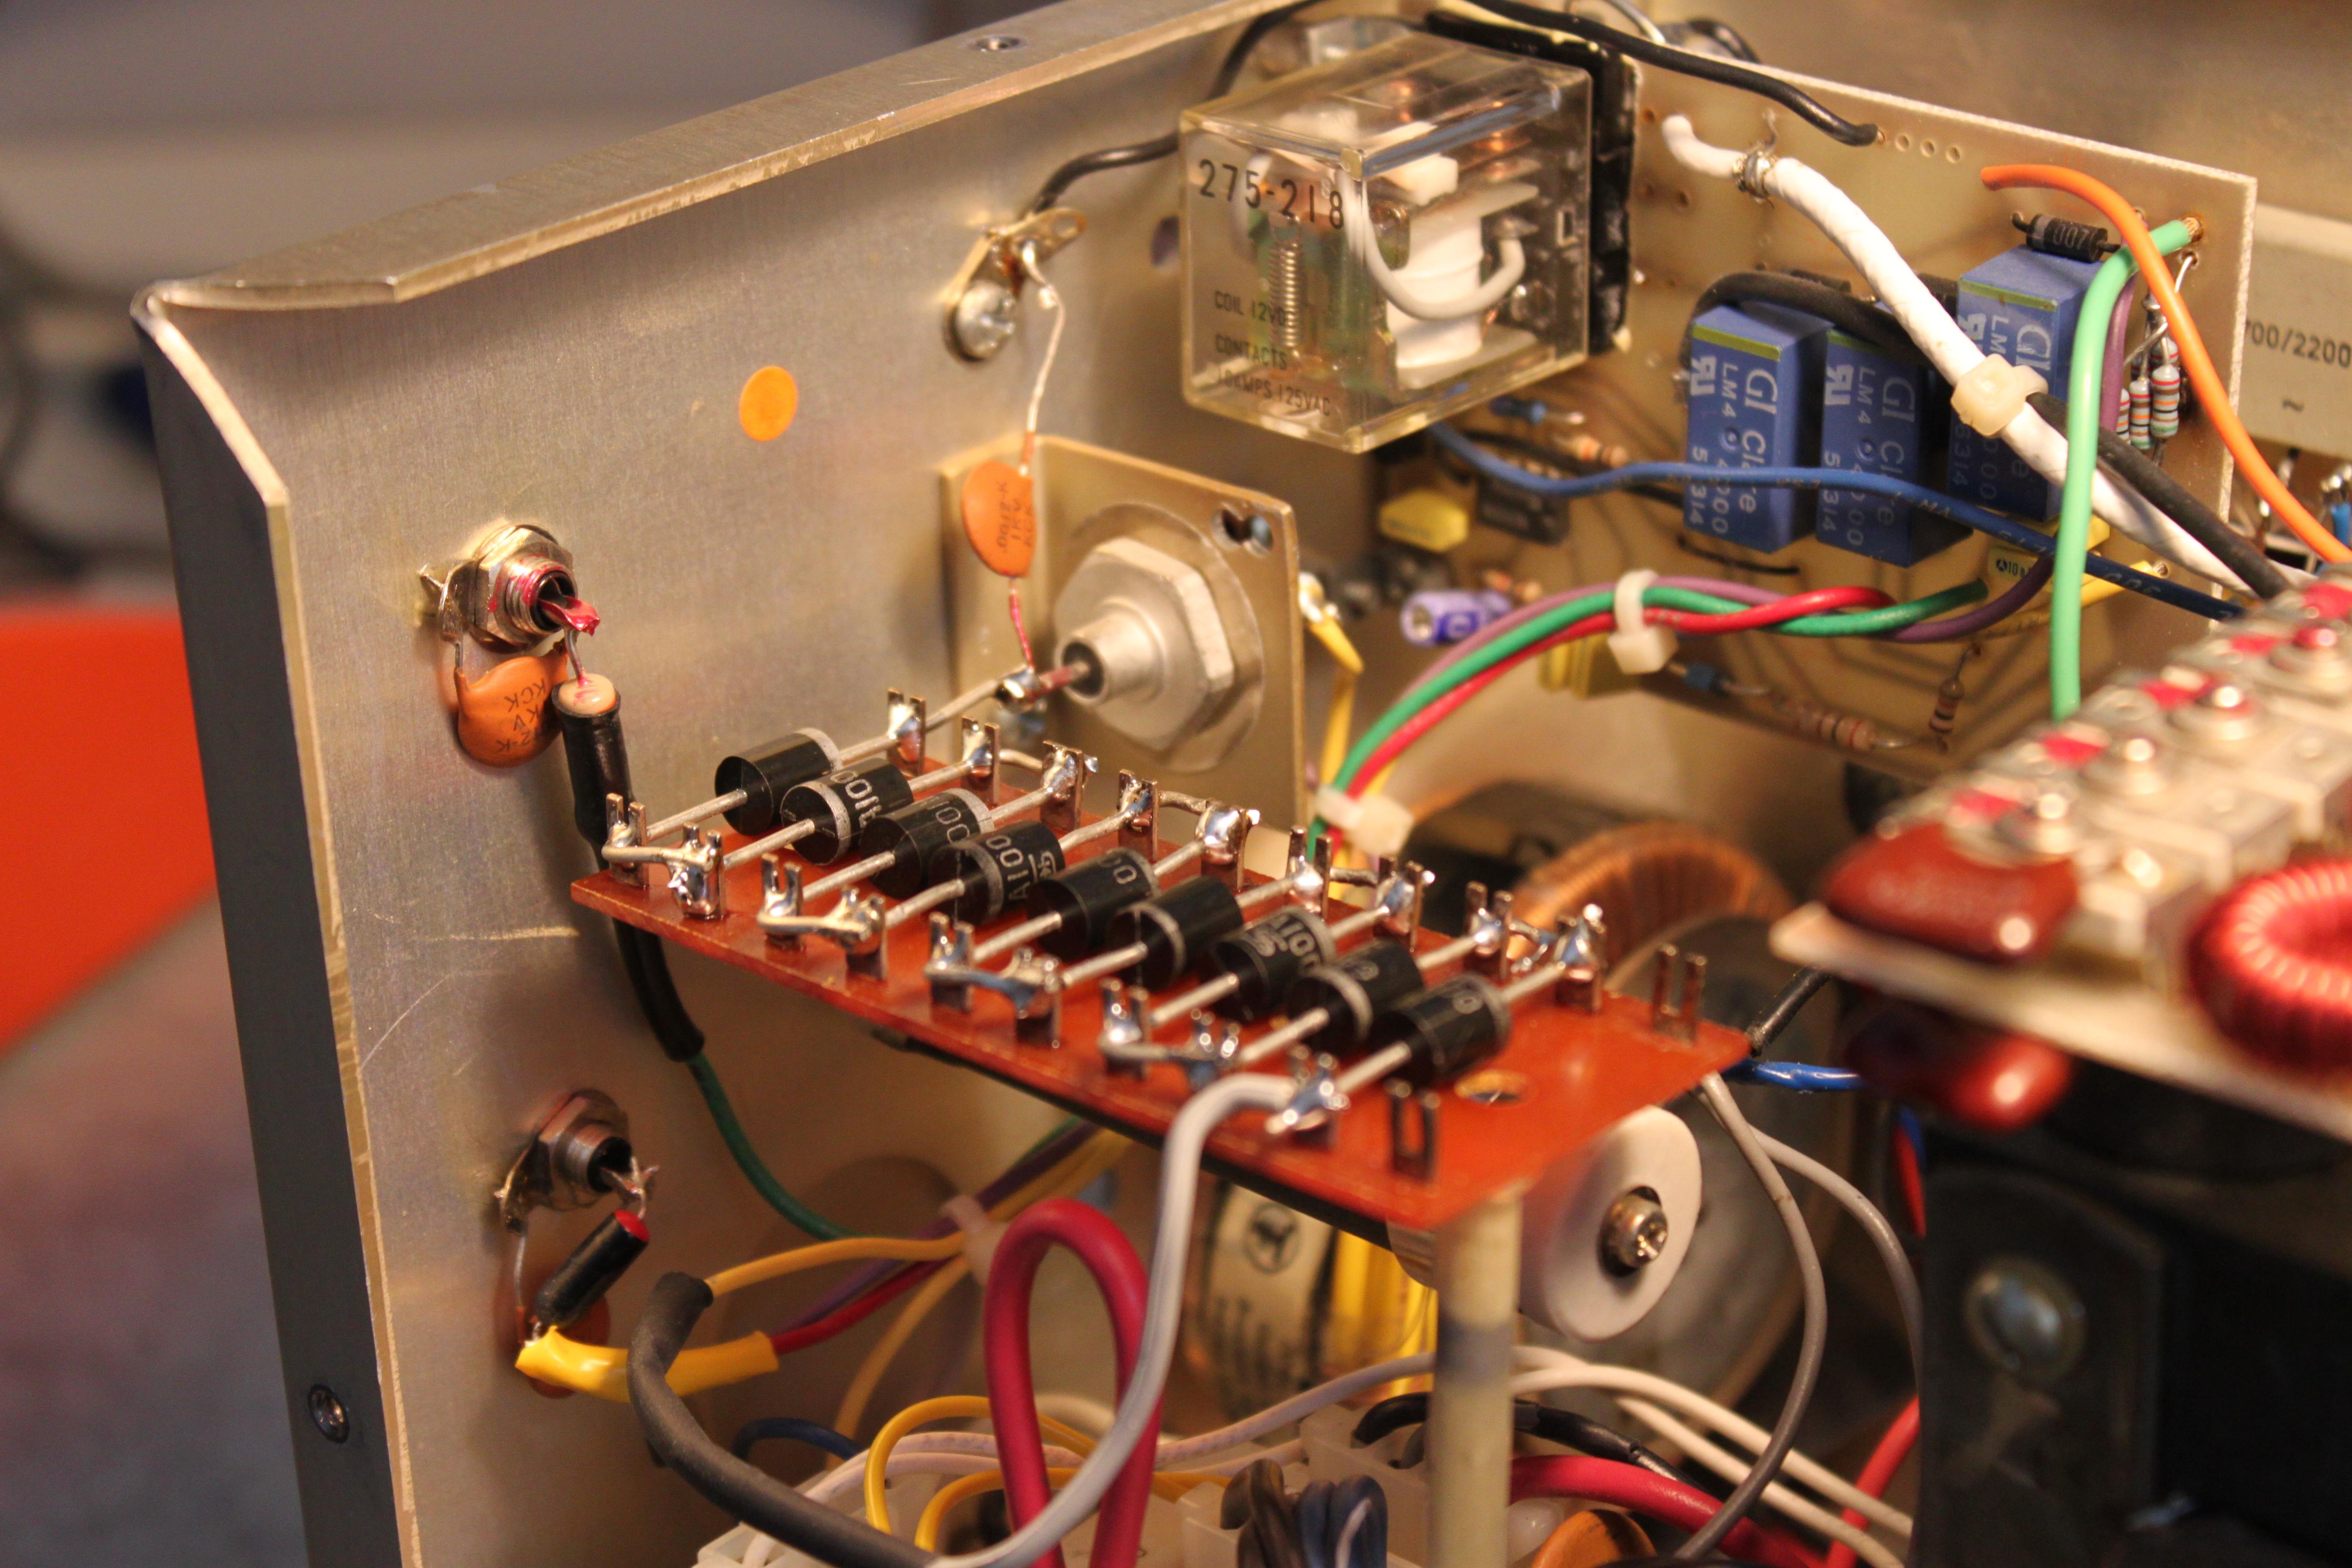 Modified LK450 amplifier